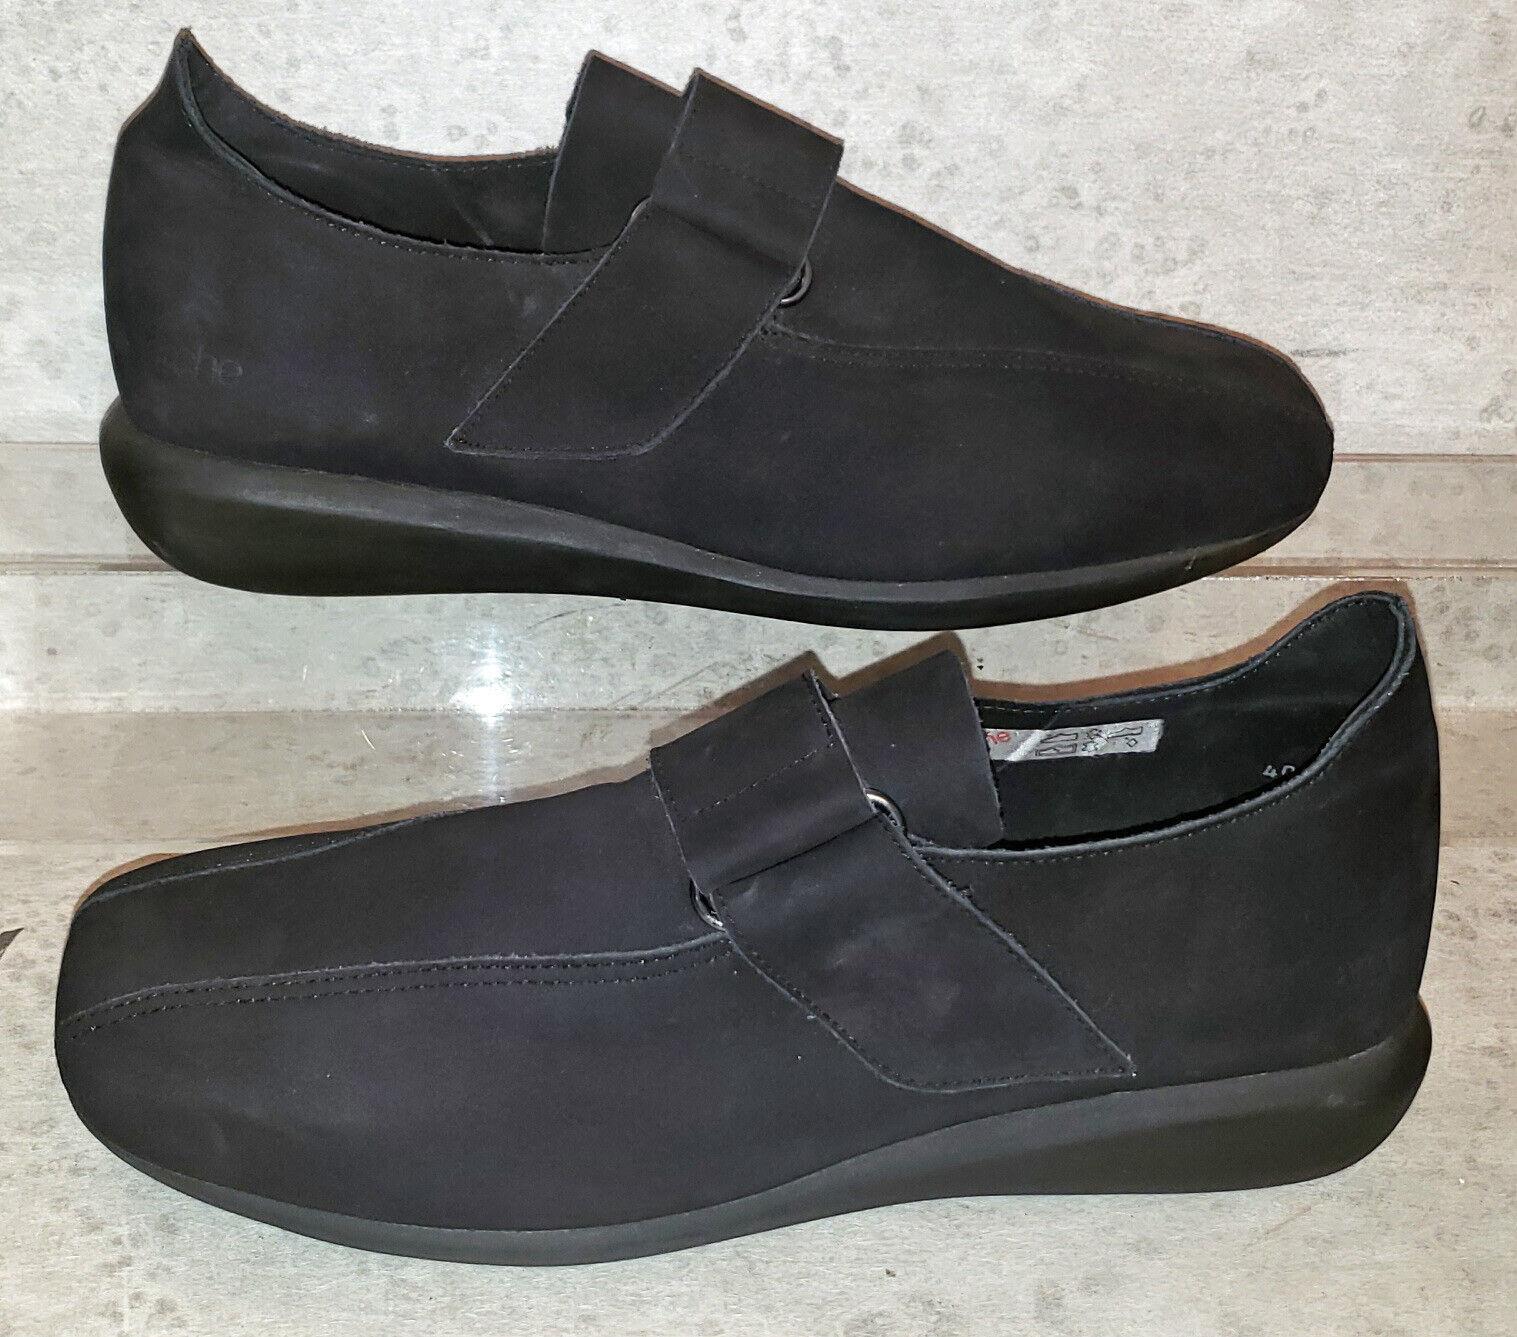 Arche walking shoes black nubuck comfort shoes eu 40 us 9